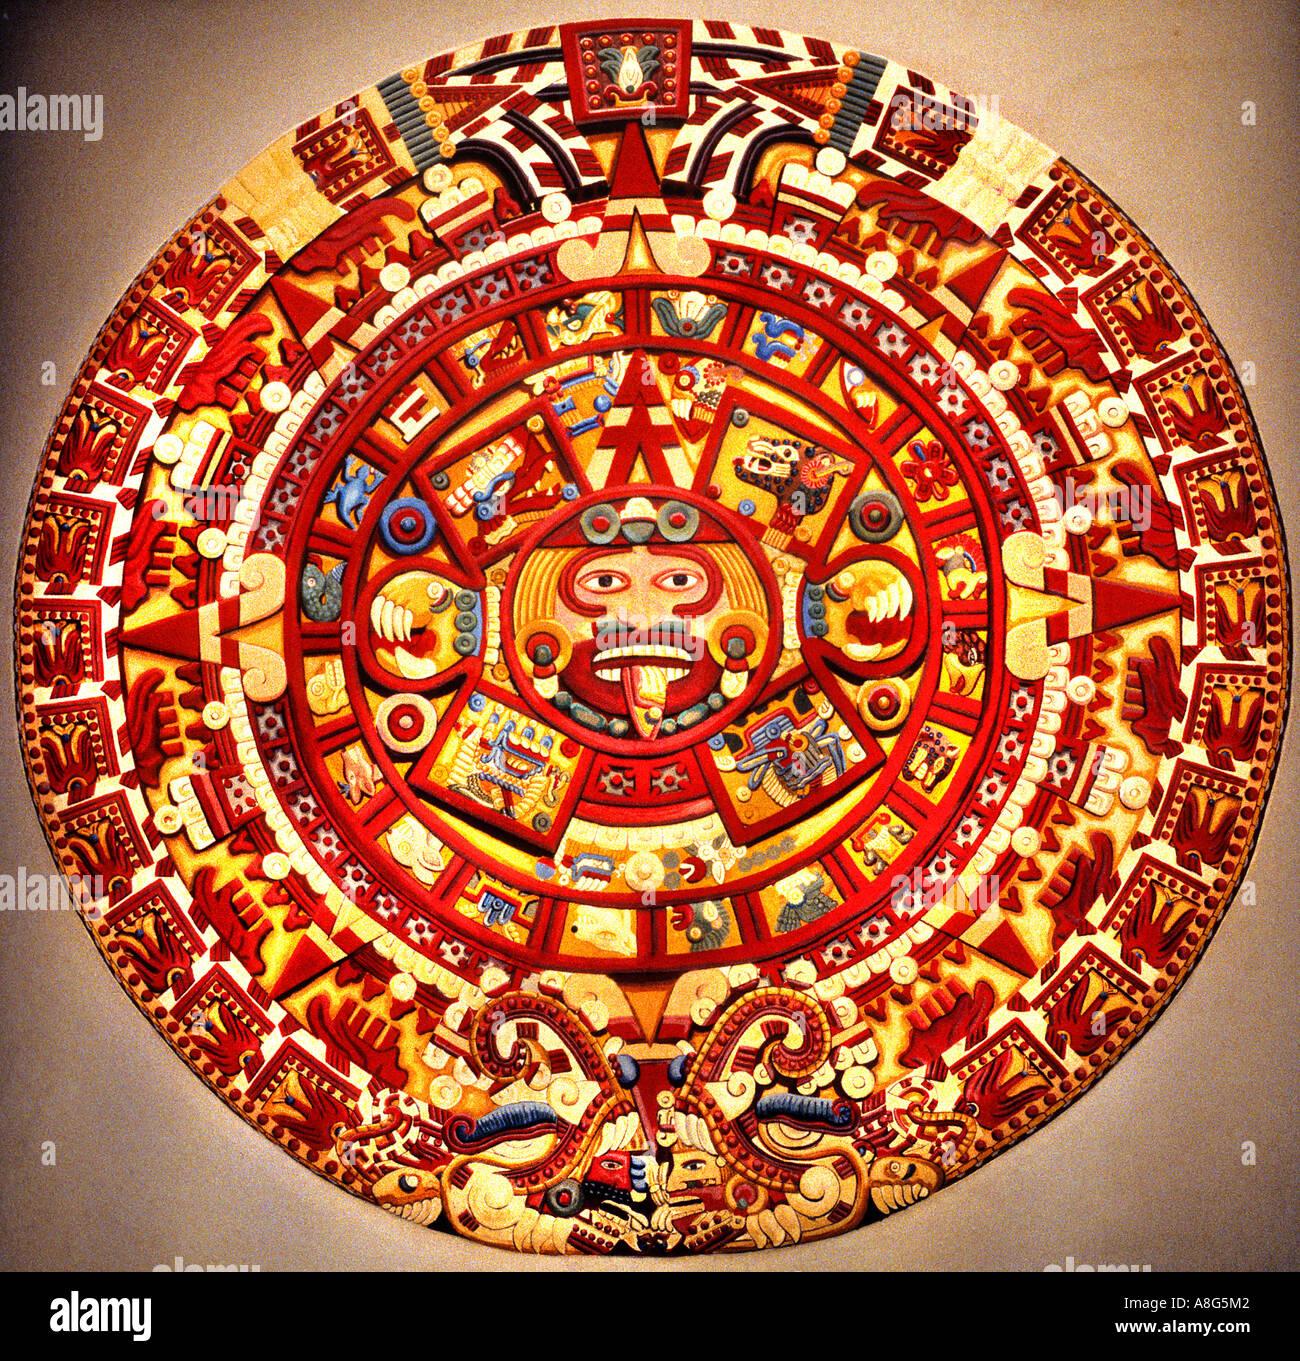 Stone Aztec Calendar Symbols